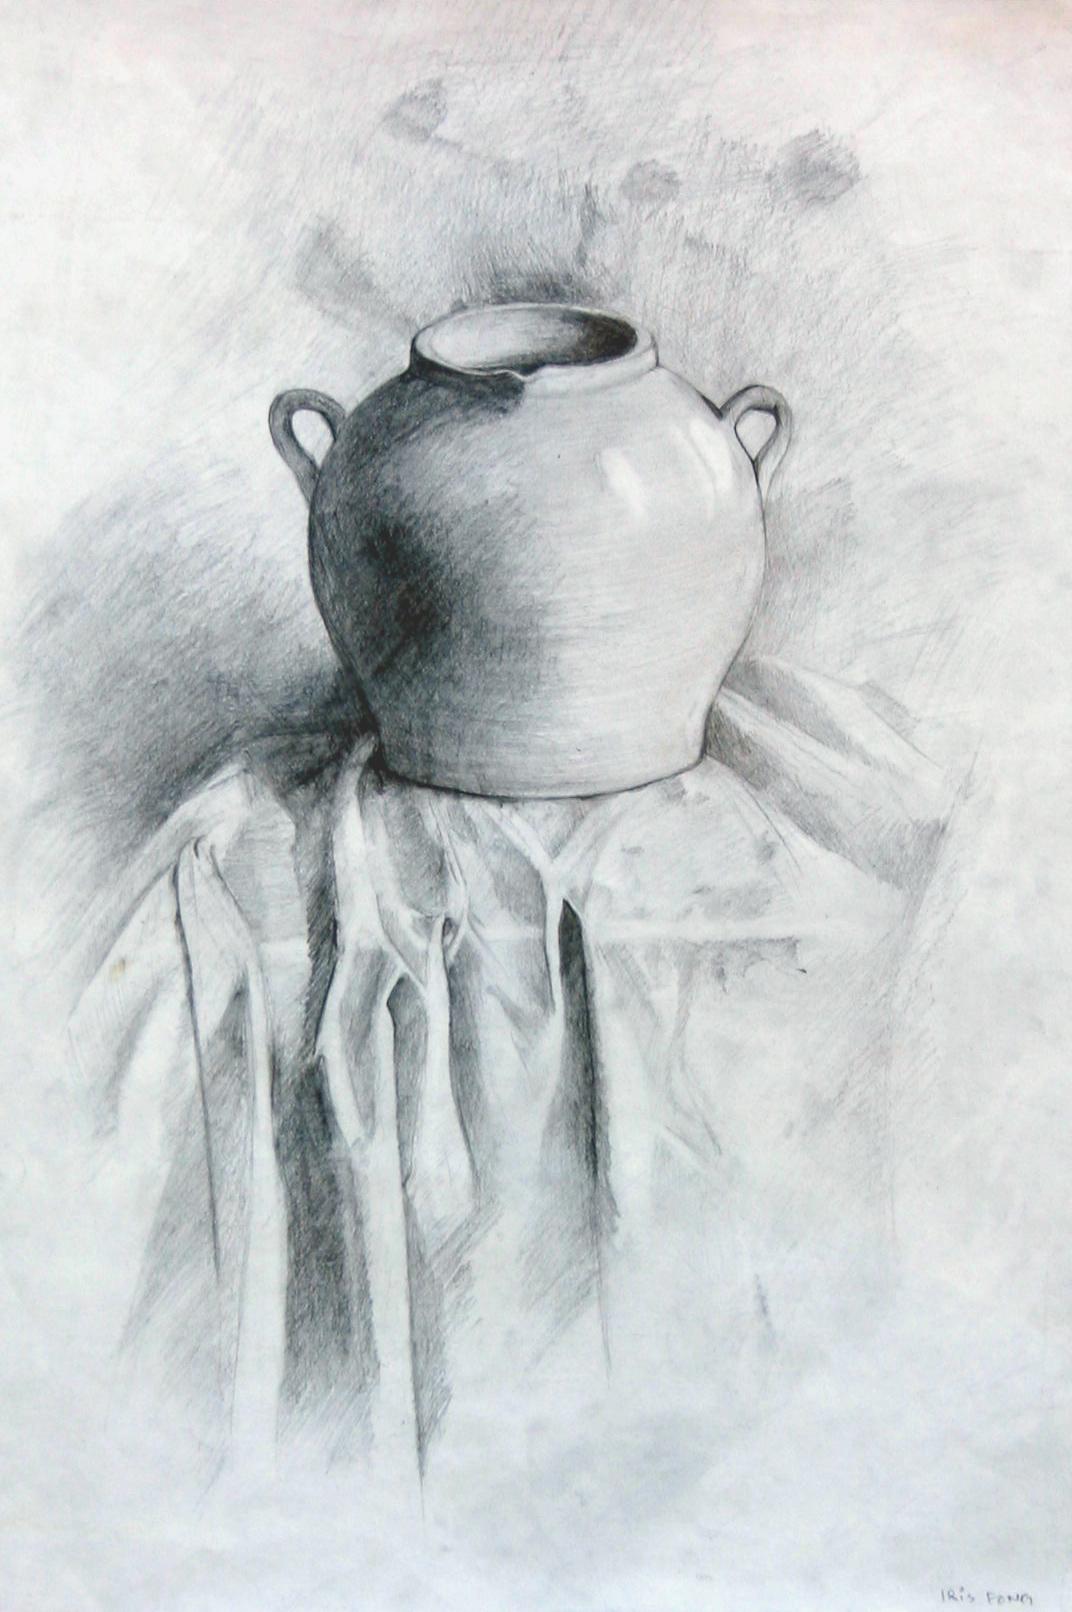 Drawn still life pottery « Pottery – Age Still